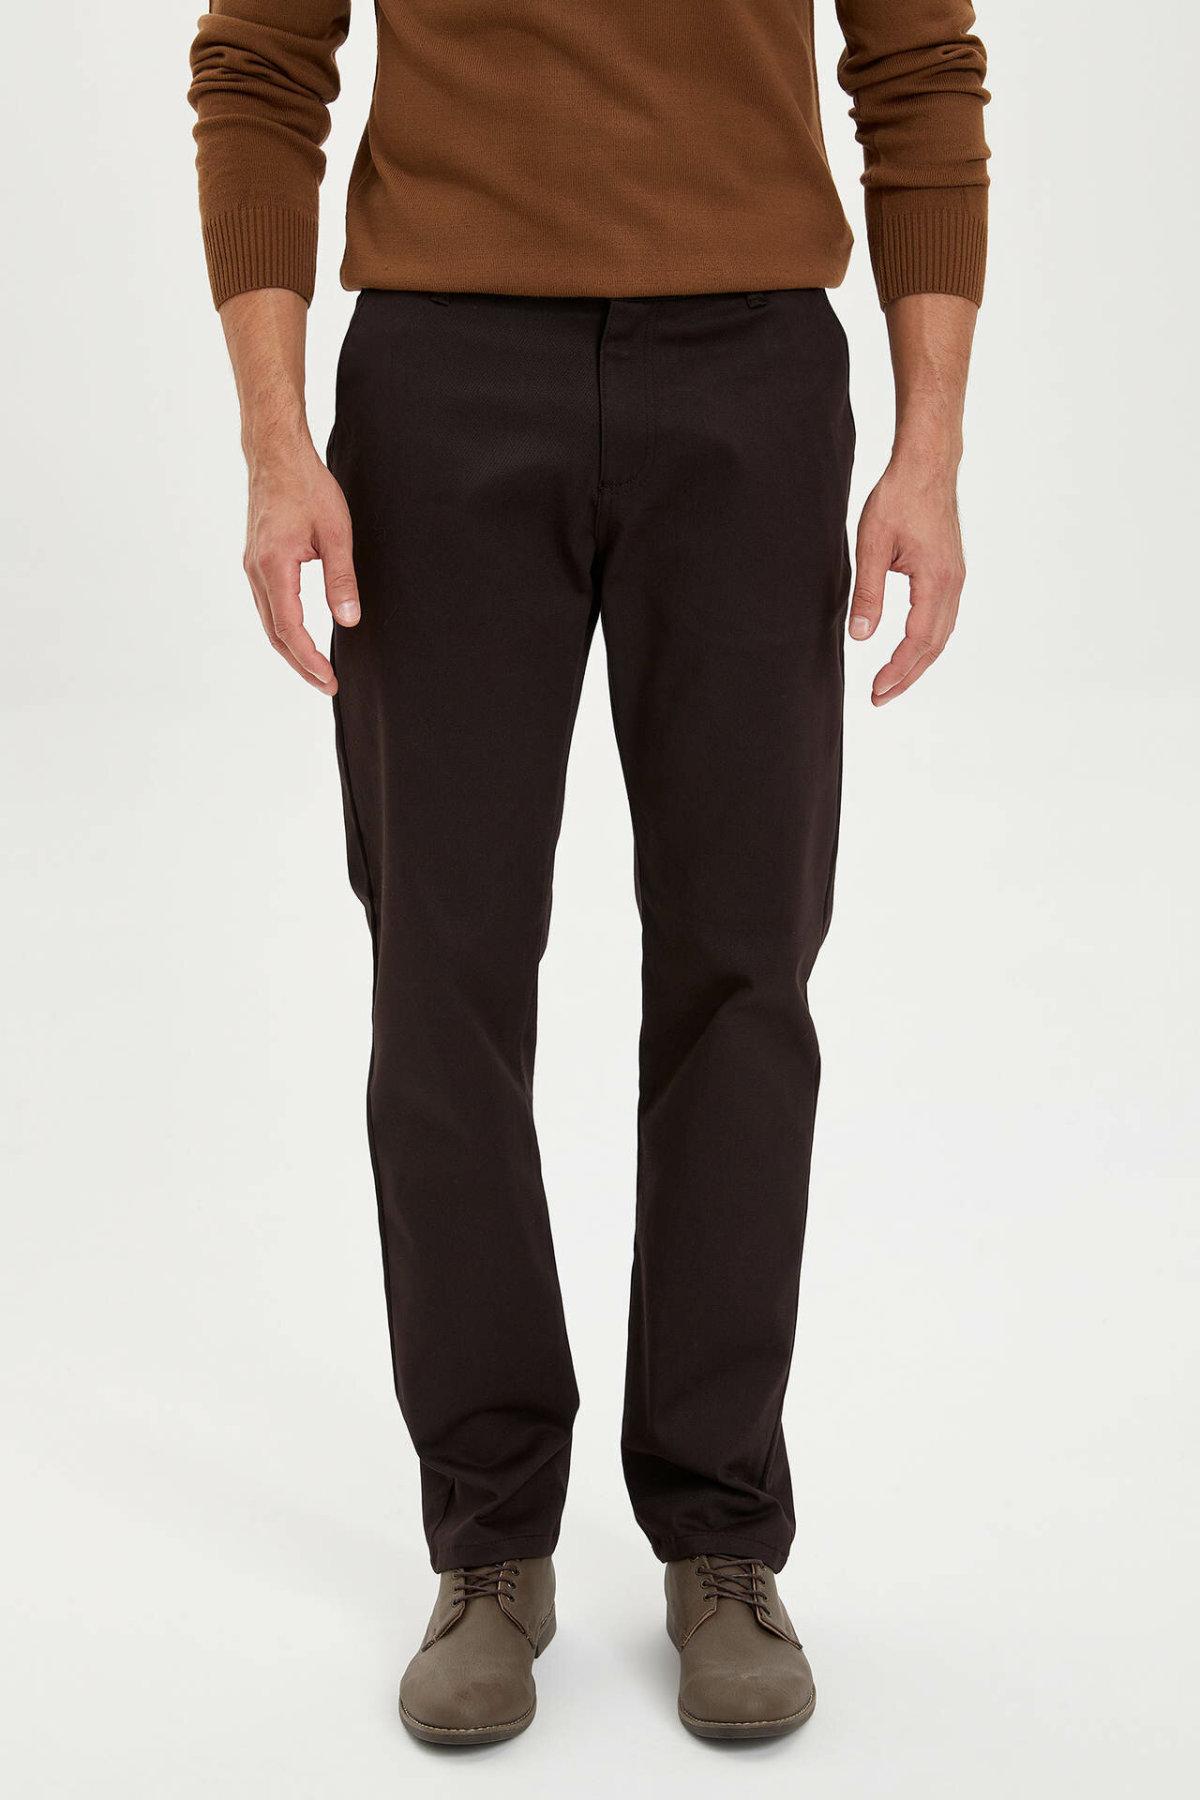 DeFacto Brand Fashion Men Cotton High Quality Pants Loose Casual Male Button Trousers Classic Pants For Men's - L2488AZ19AU